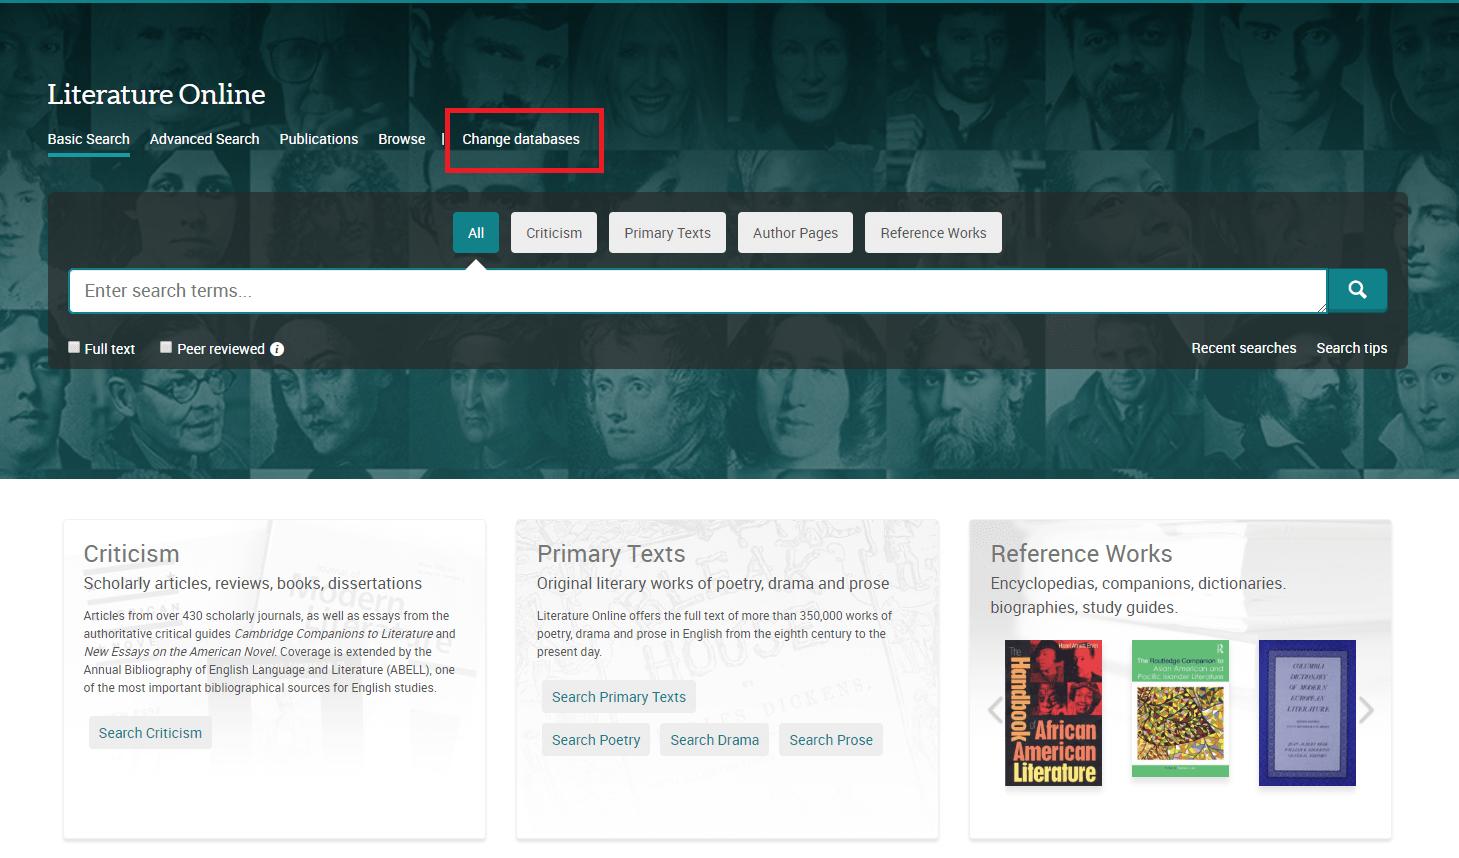 Changes to Literature Online